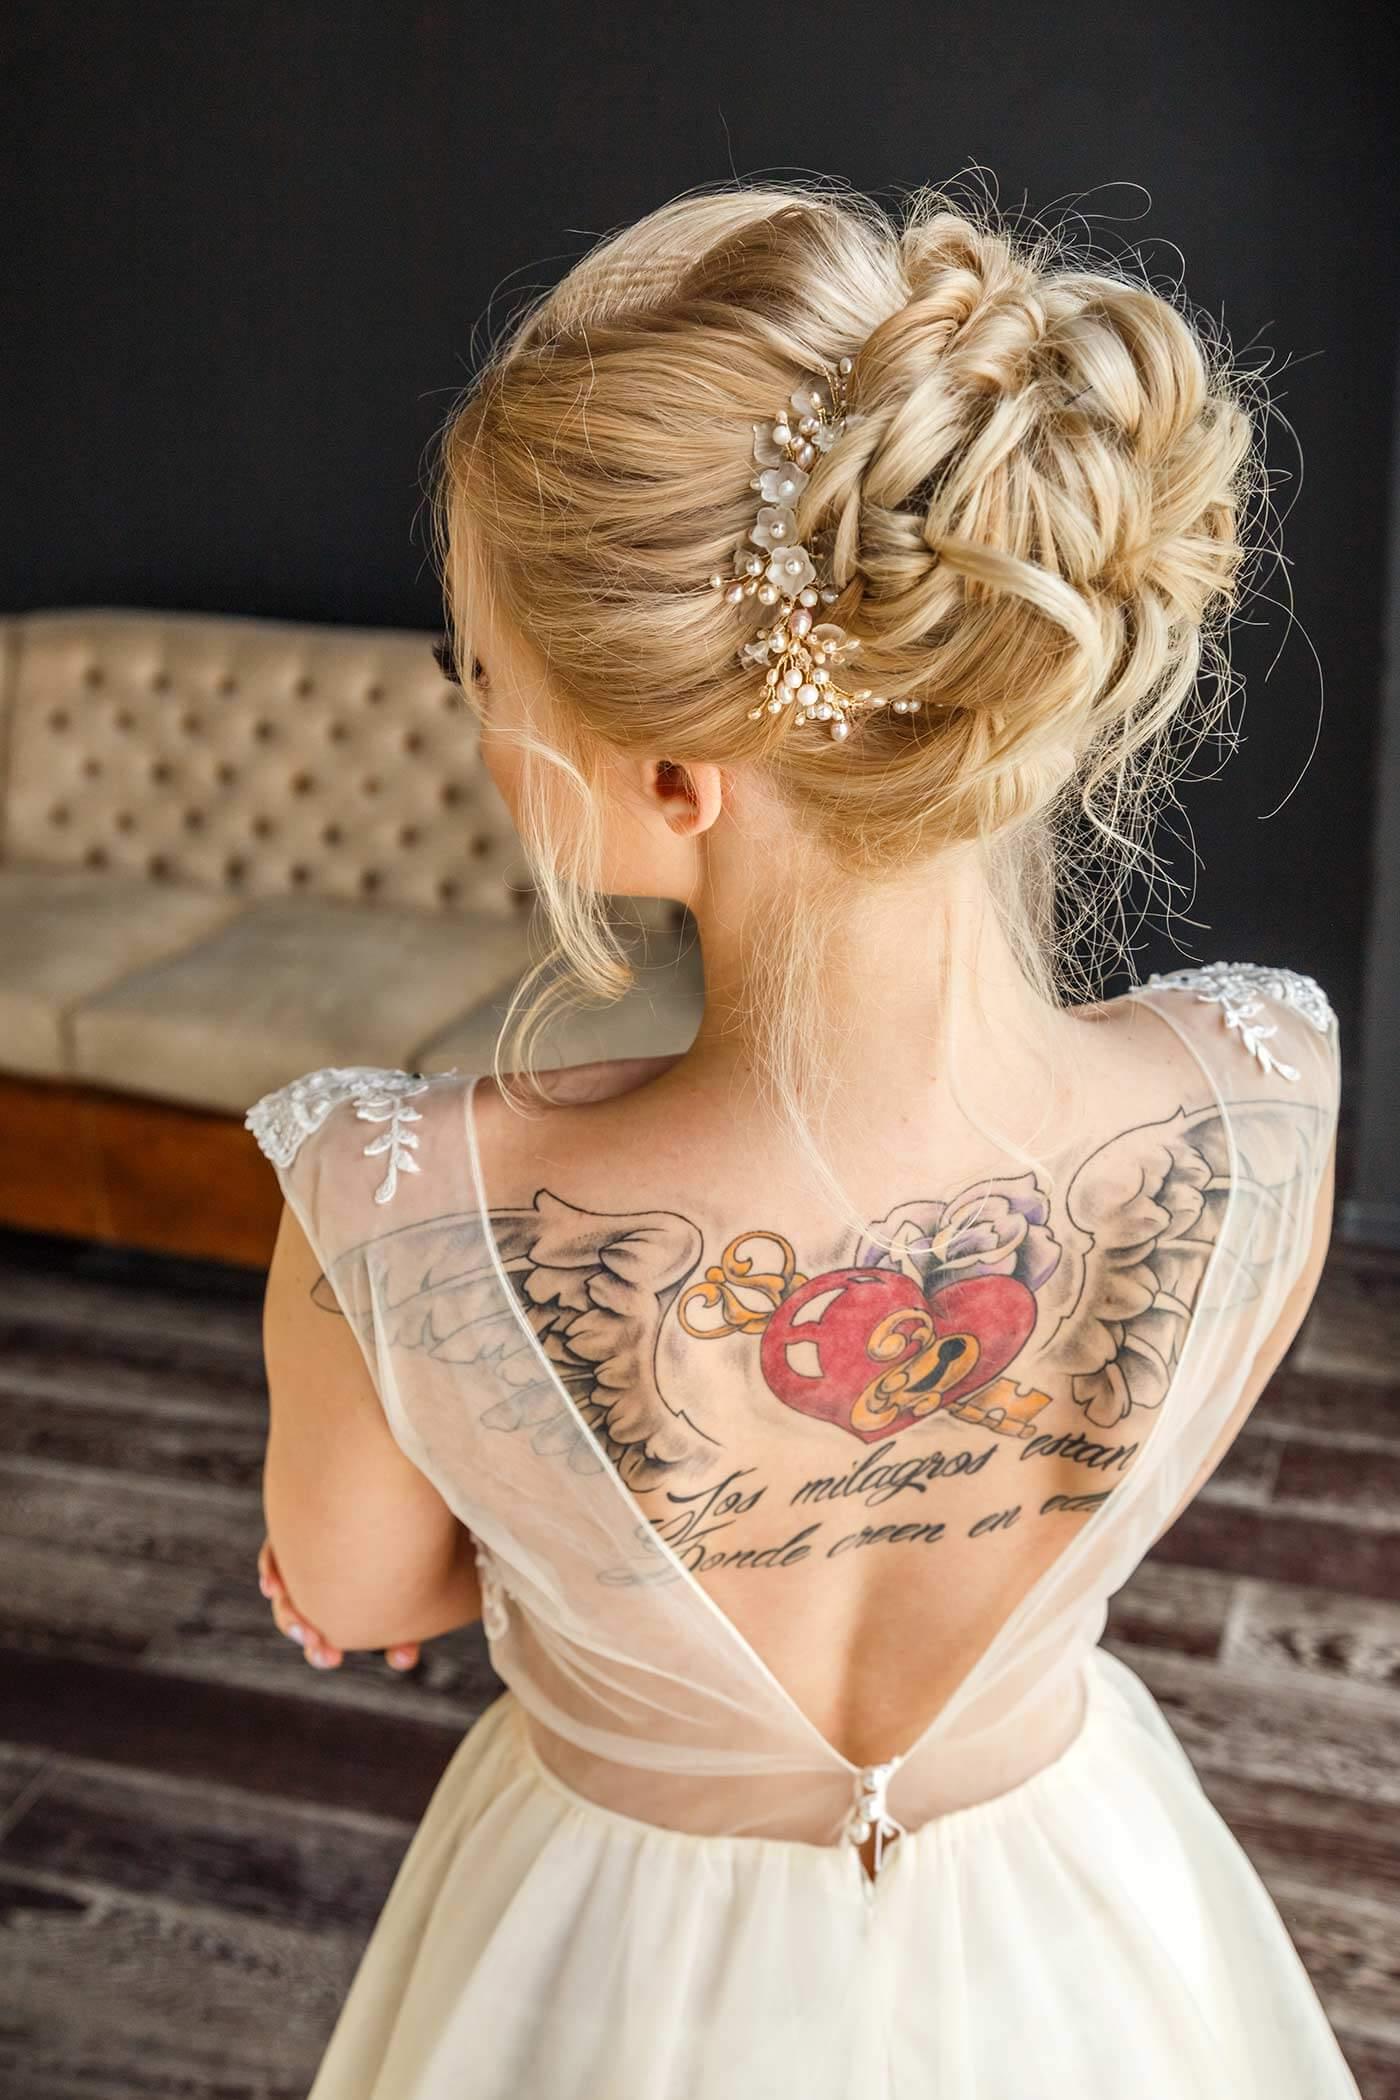 Heirats Tattoo